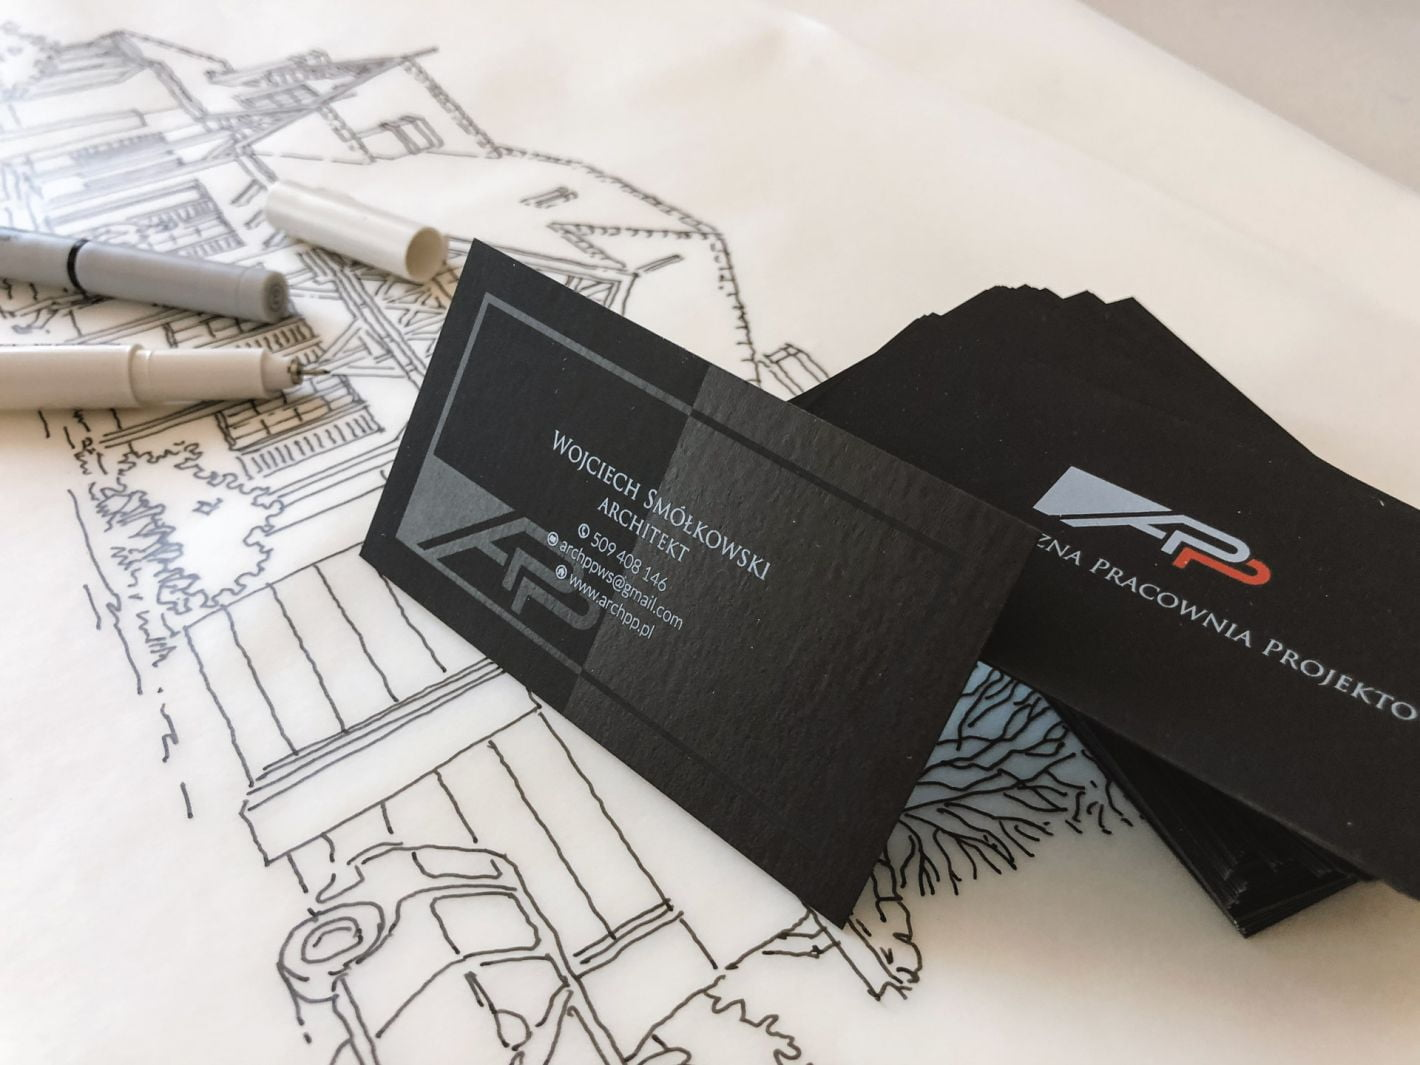 wizytówki barwione w masie dla Wojciech Smółkowski